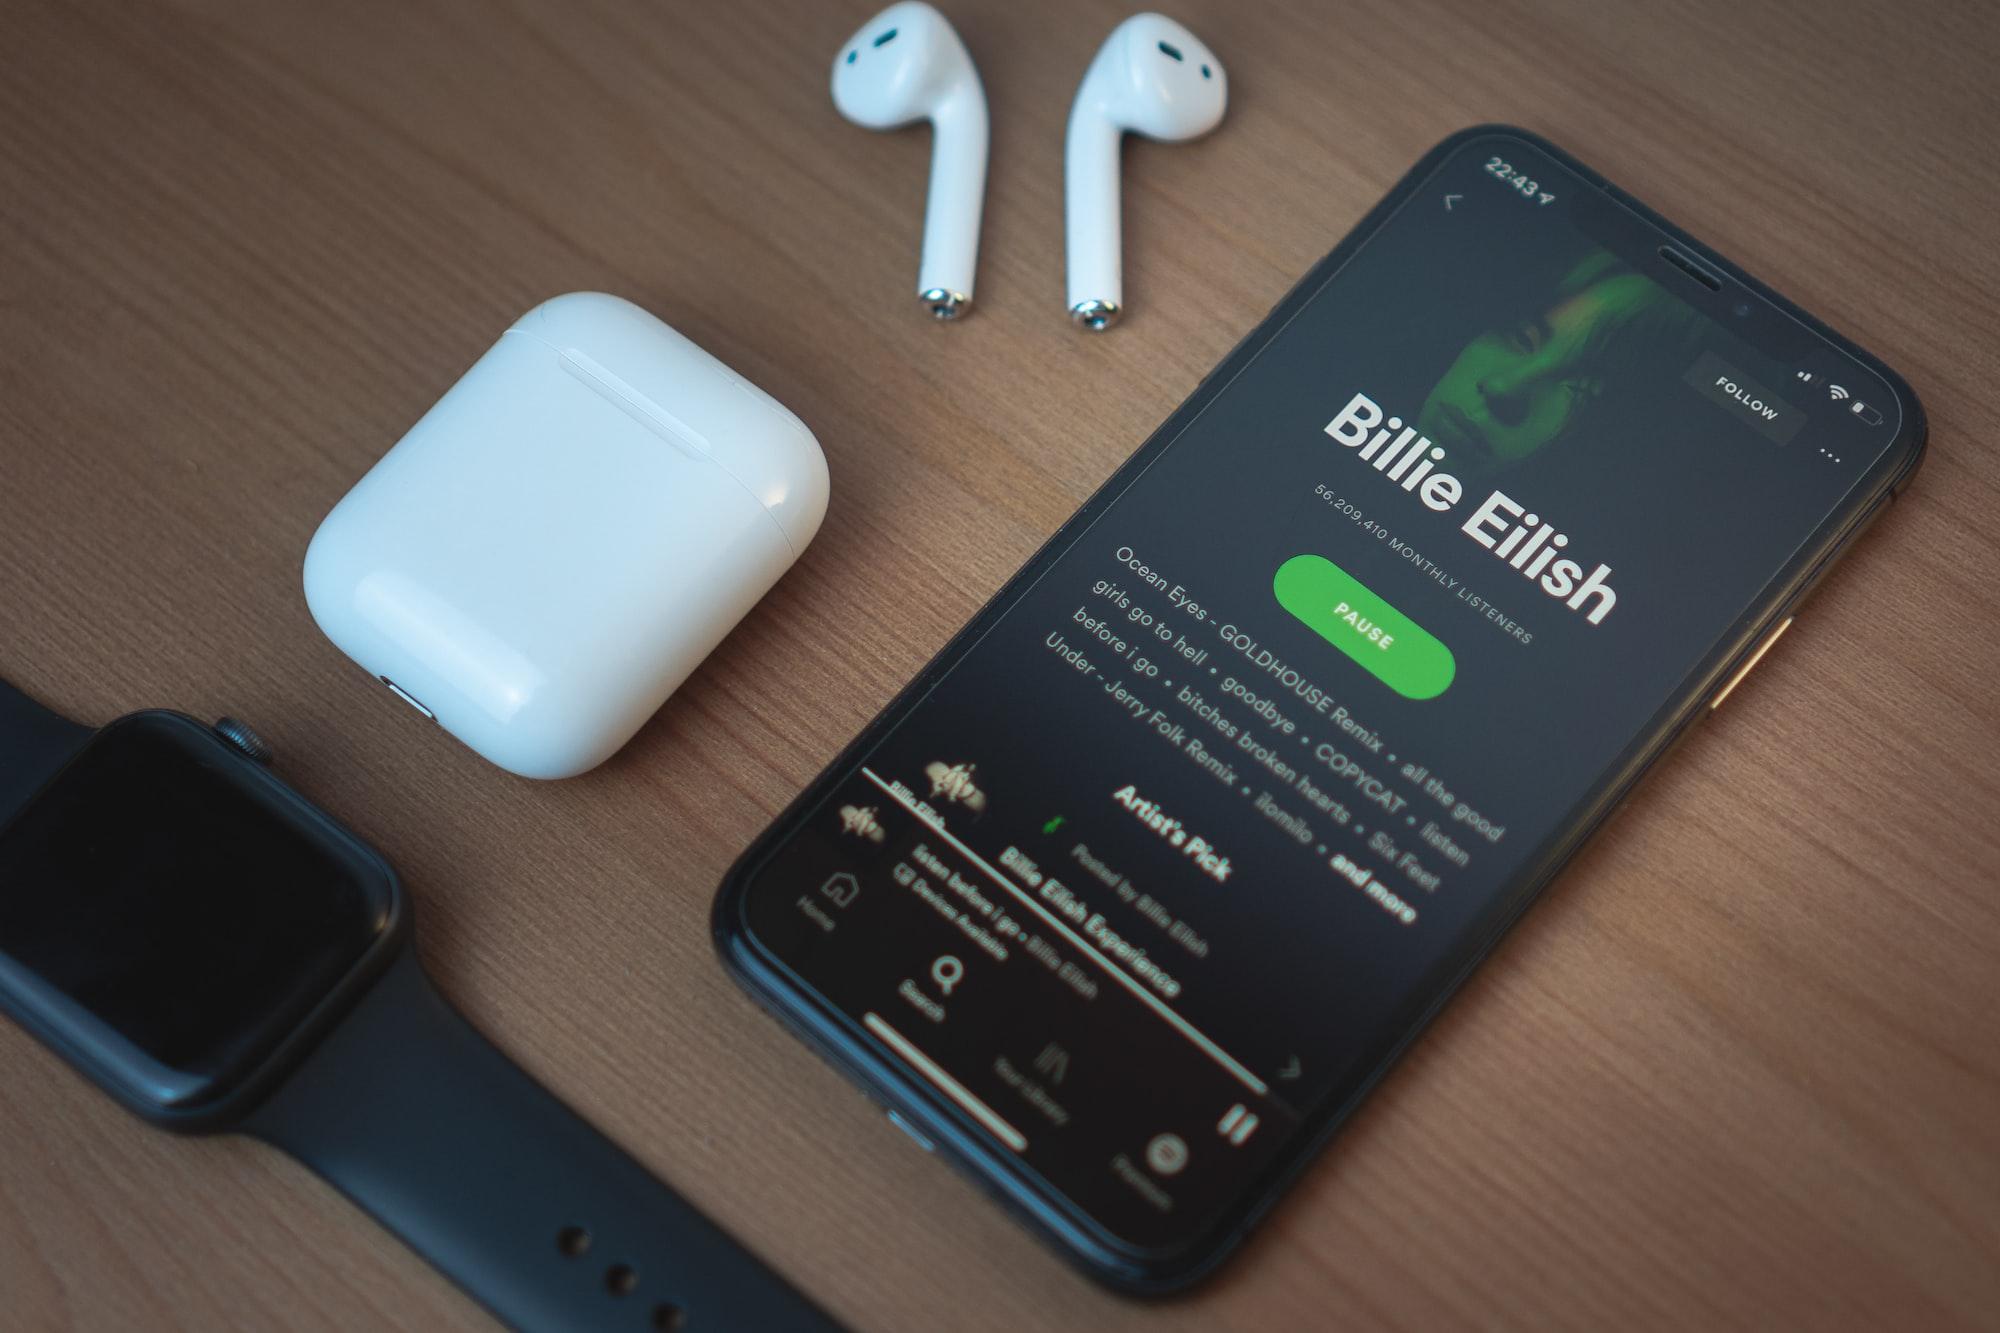 Spotify позволит загружать и воспроизводить музыку на Apple Watch без подключения к сети